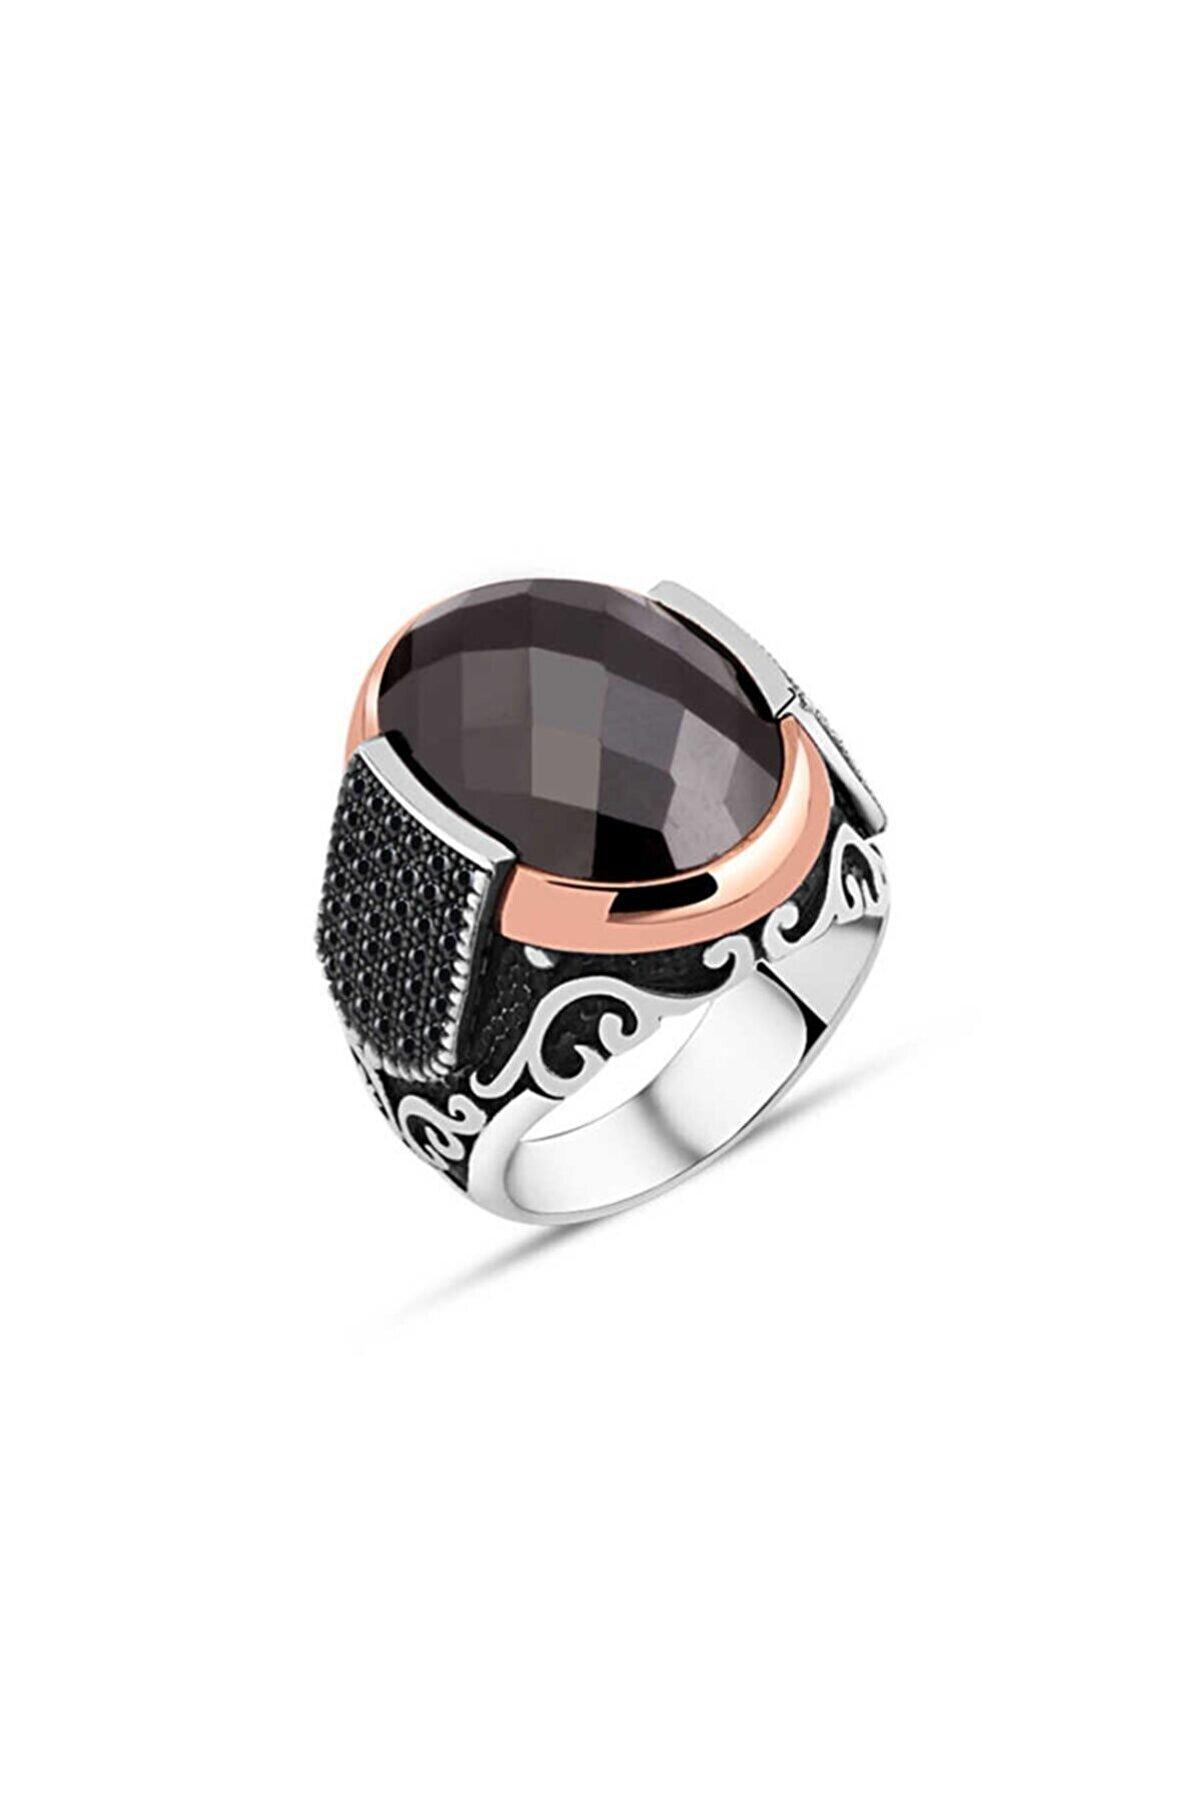 SilverPlus Erkek Kesme Siyah Zirkon Taşlı Gümüş Yüzük KG654